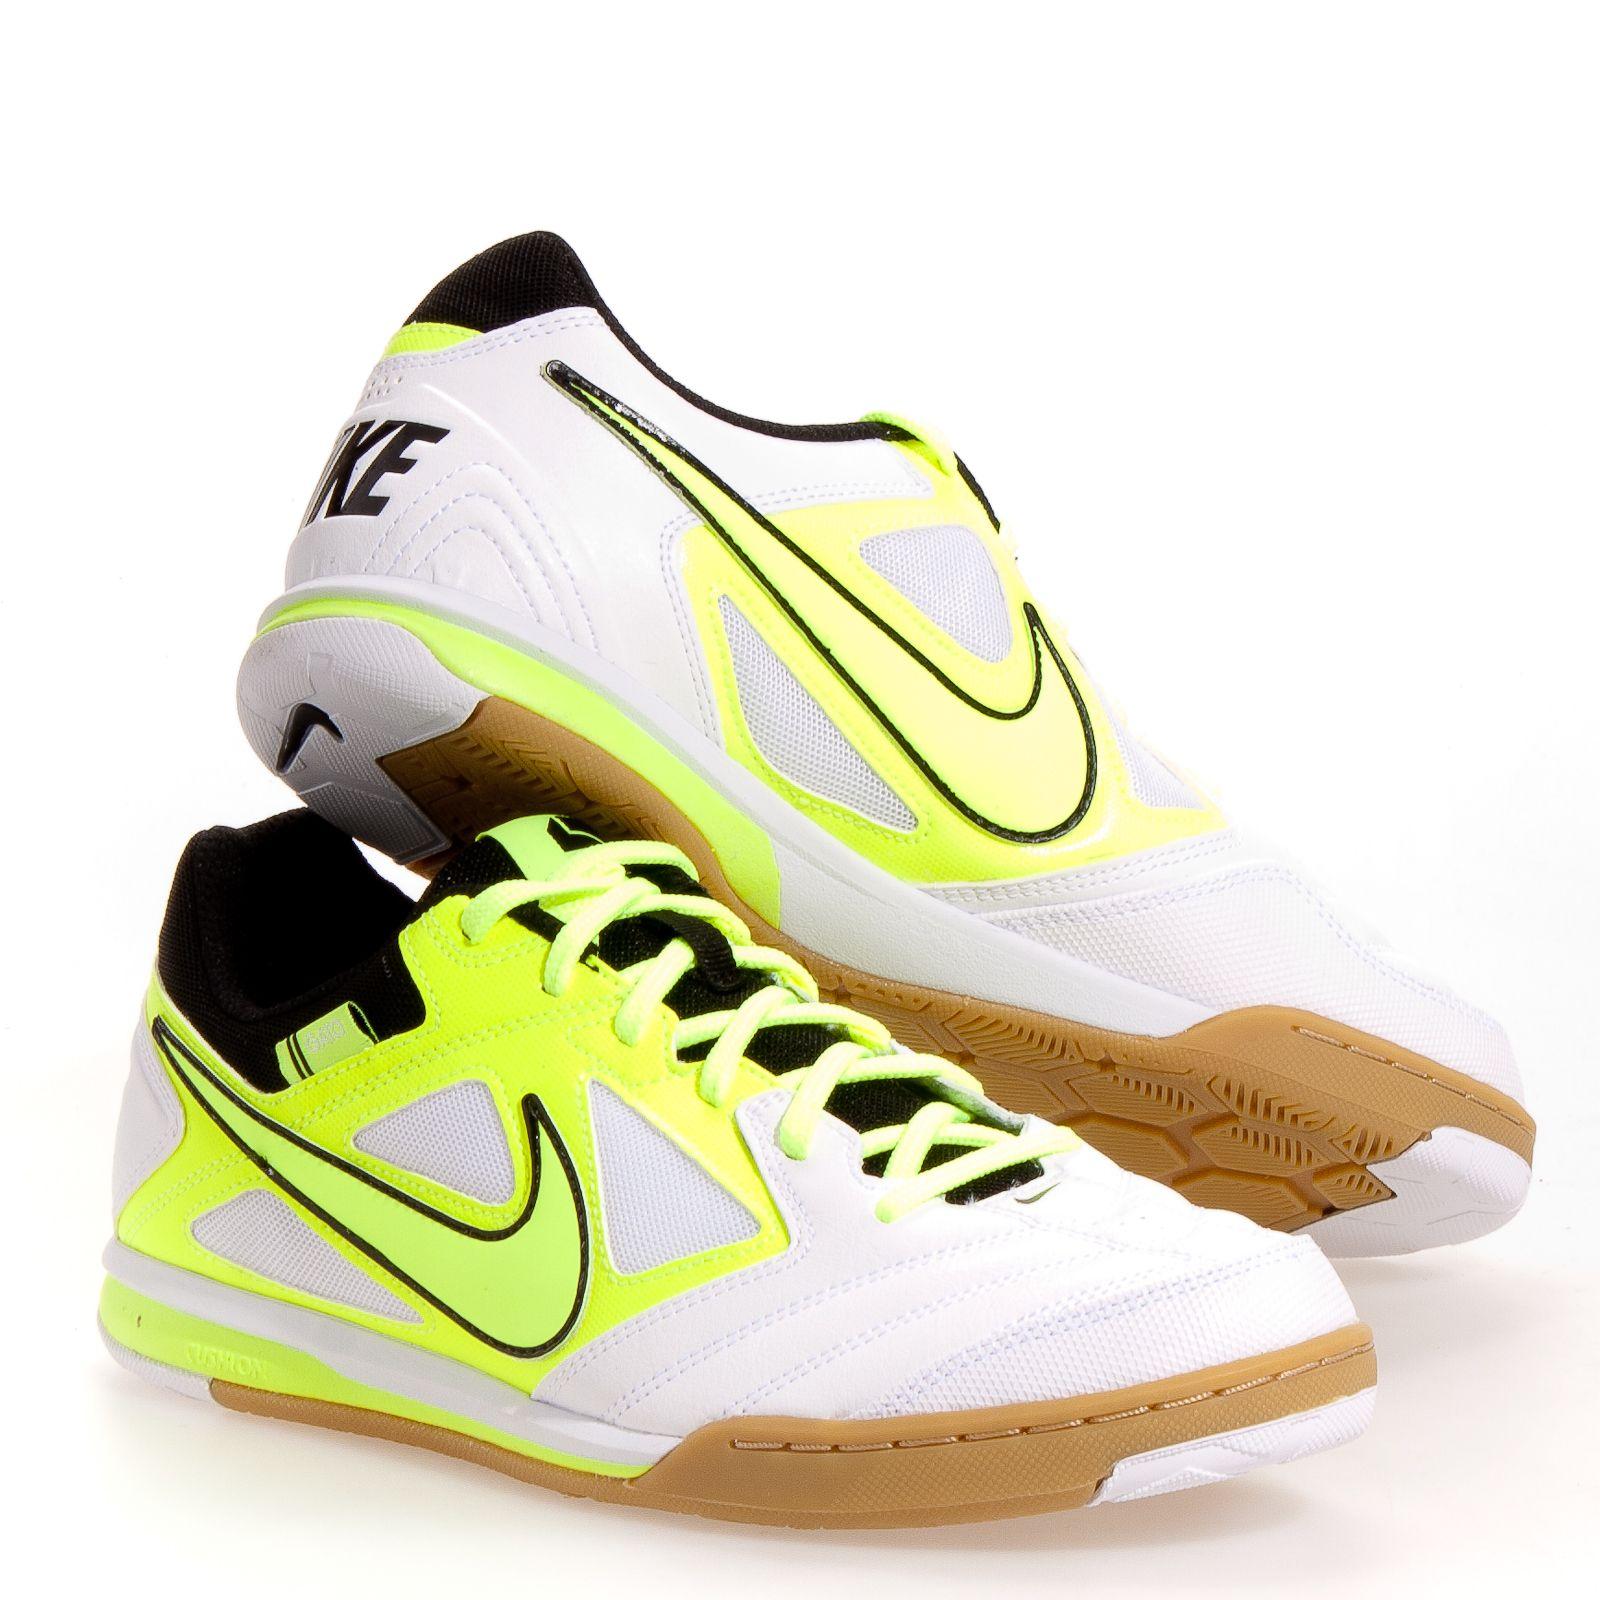 Nike 5 Gato Ltr Men's Soccer Shoes: White 6.5